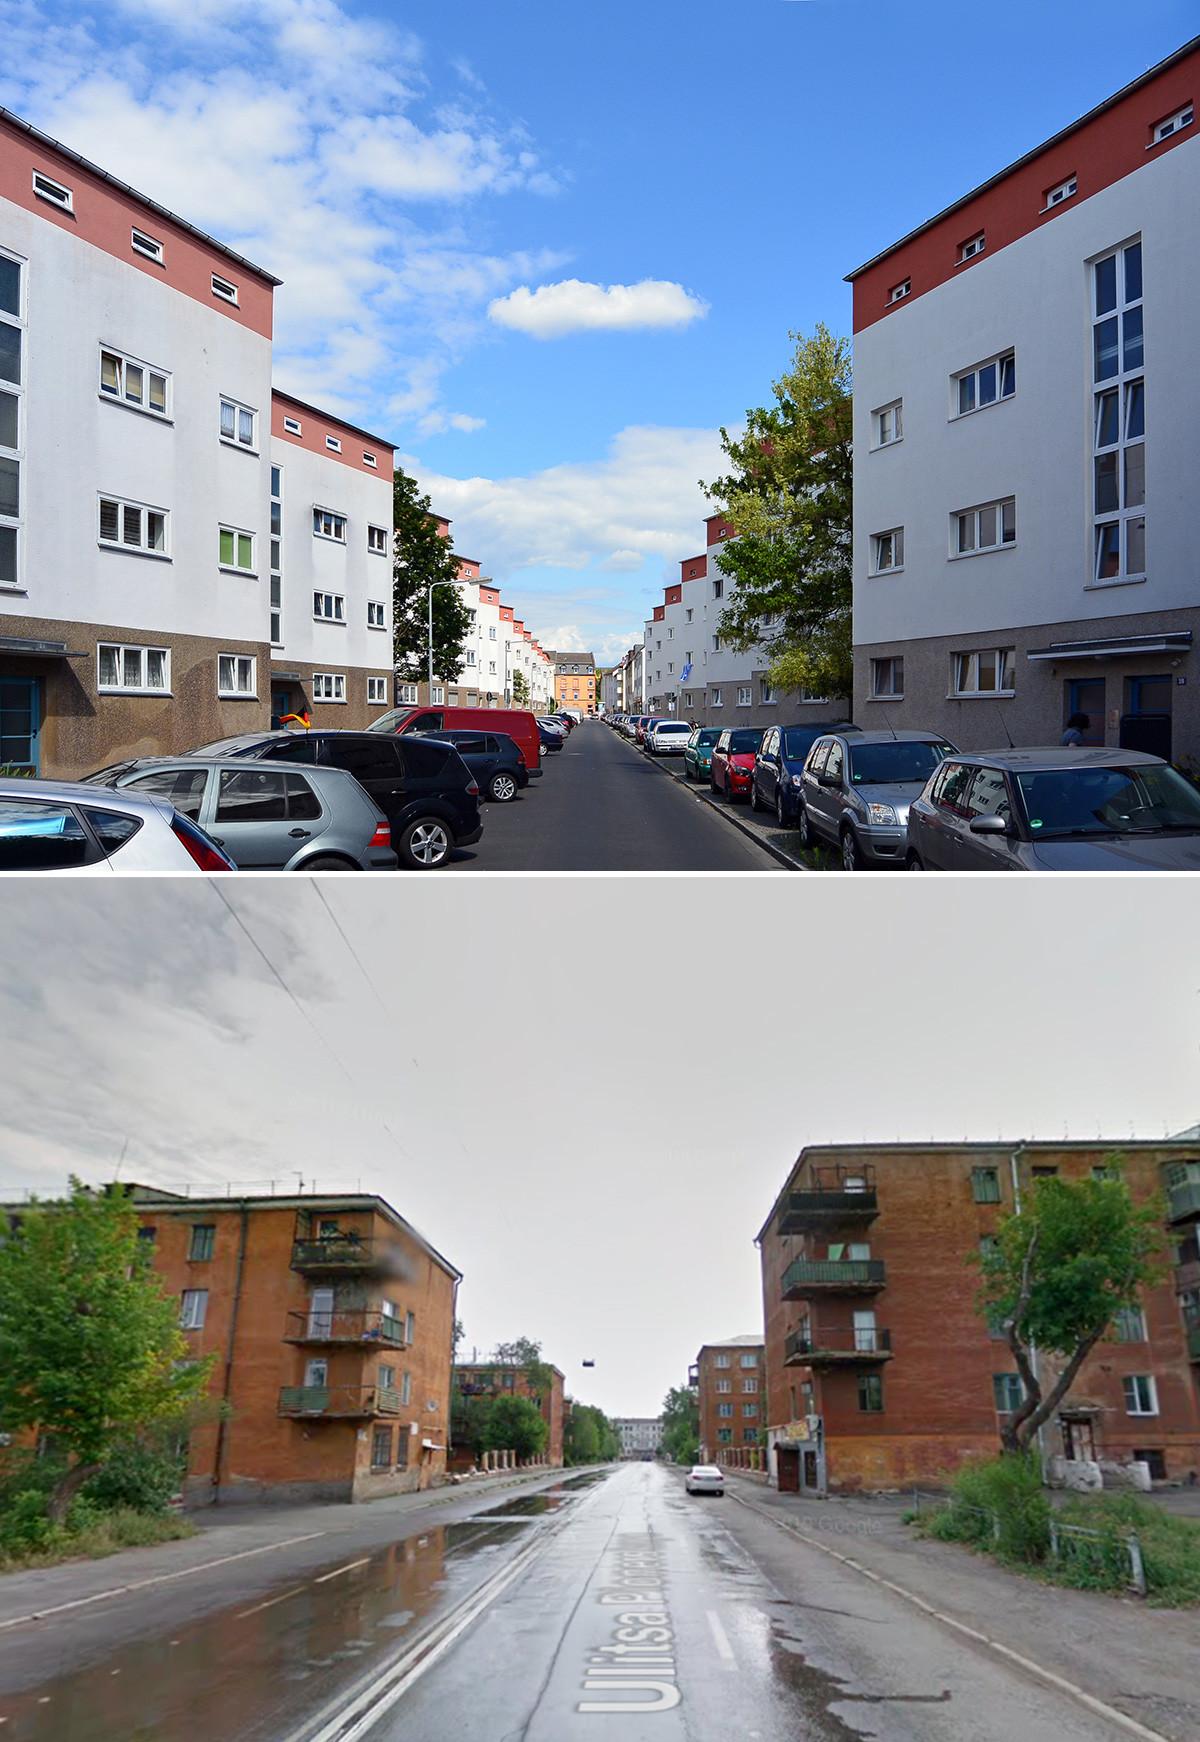 """Oben: """"Zick-Zackhausen"""" in Frankfurt-am-Main, das von Ernst May entwickelt wurde. Unten: Sozgorod in Magnitogorsk."""